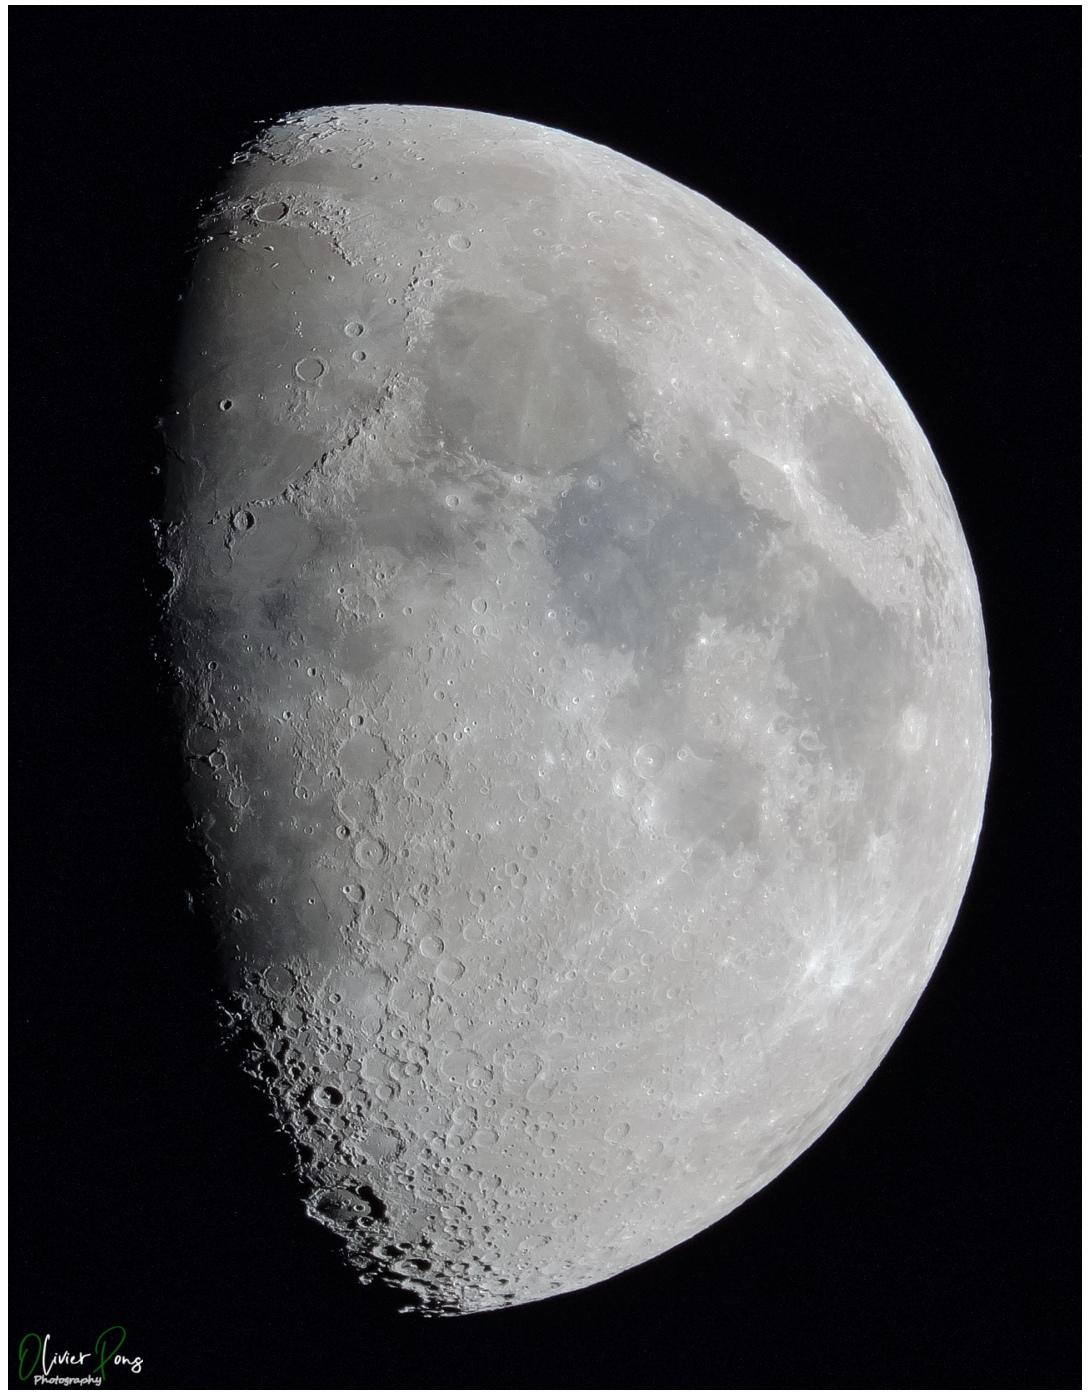 lune_pq_600.jpg